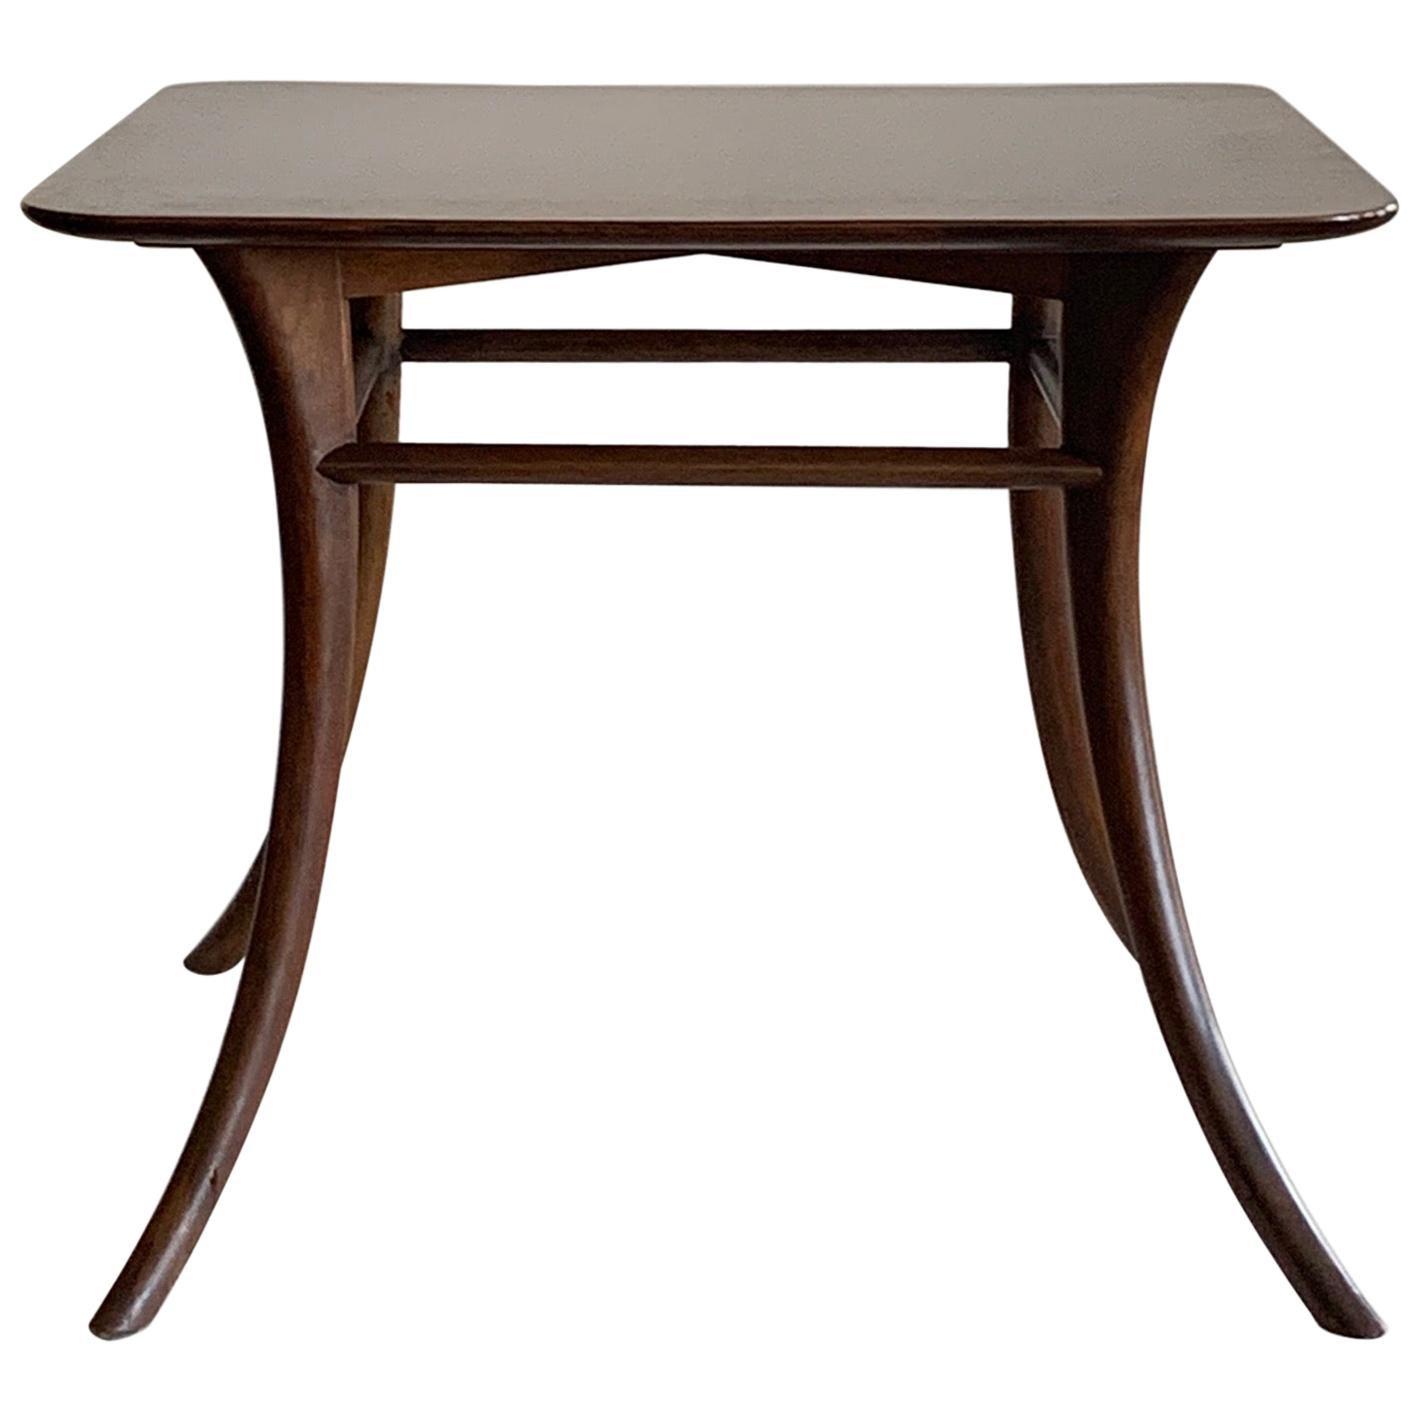 T.H. Robsjohn-Gibbings for Widdicomb Occasional Klismos Table